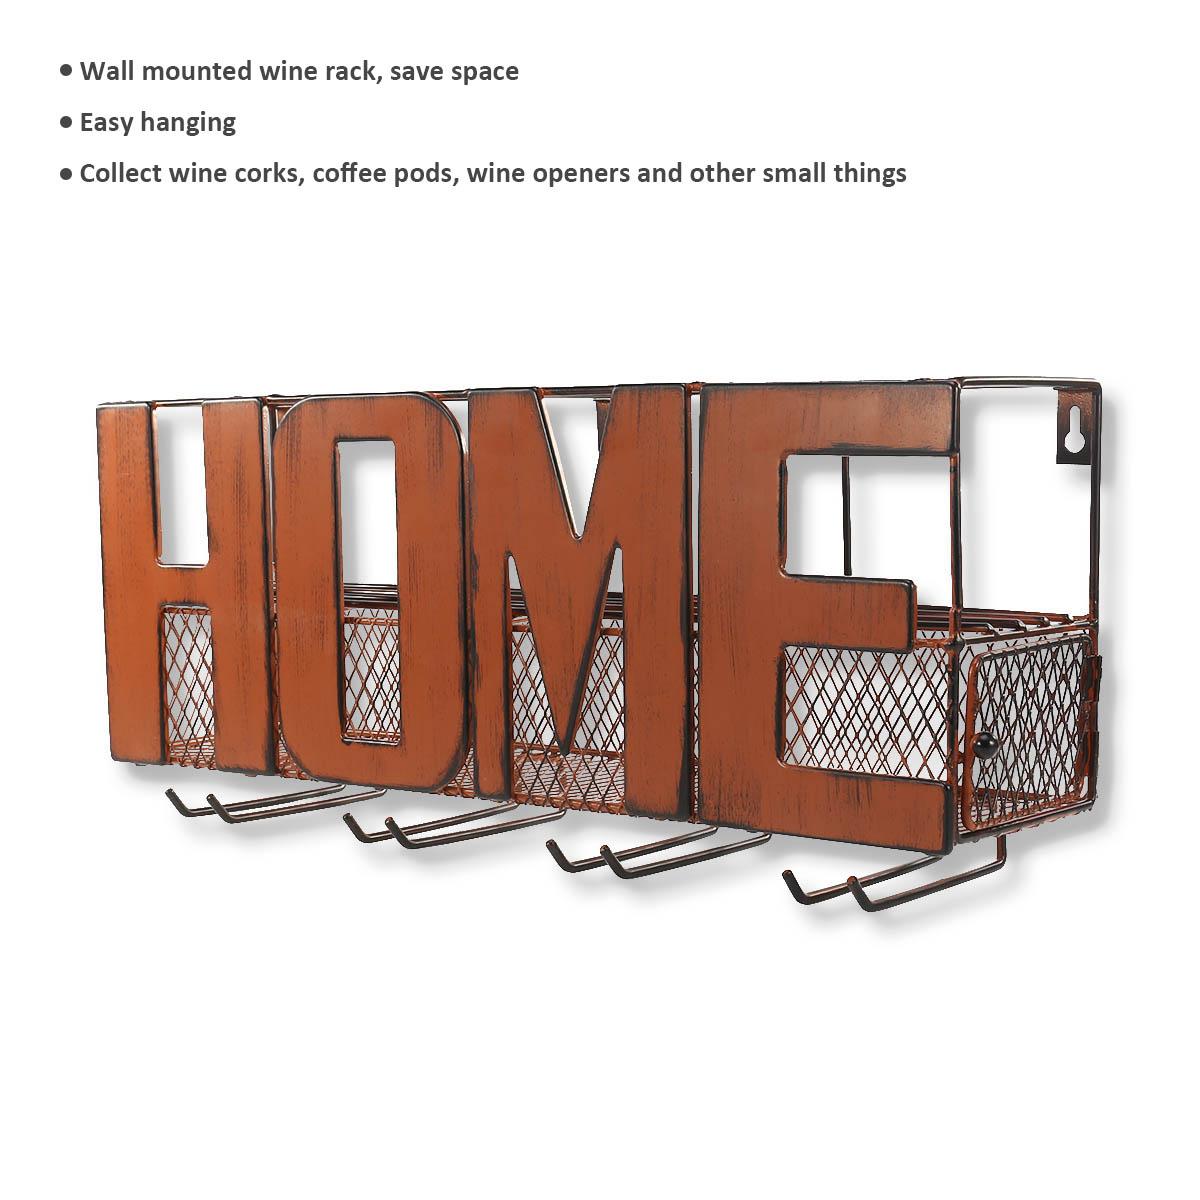 Wand montiert Weinregal Kork Vorratsbehälter Glashalter mit 5 Kork ...